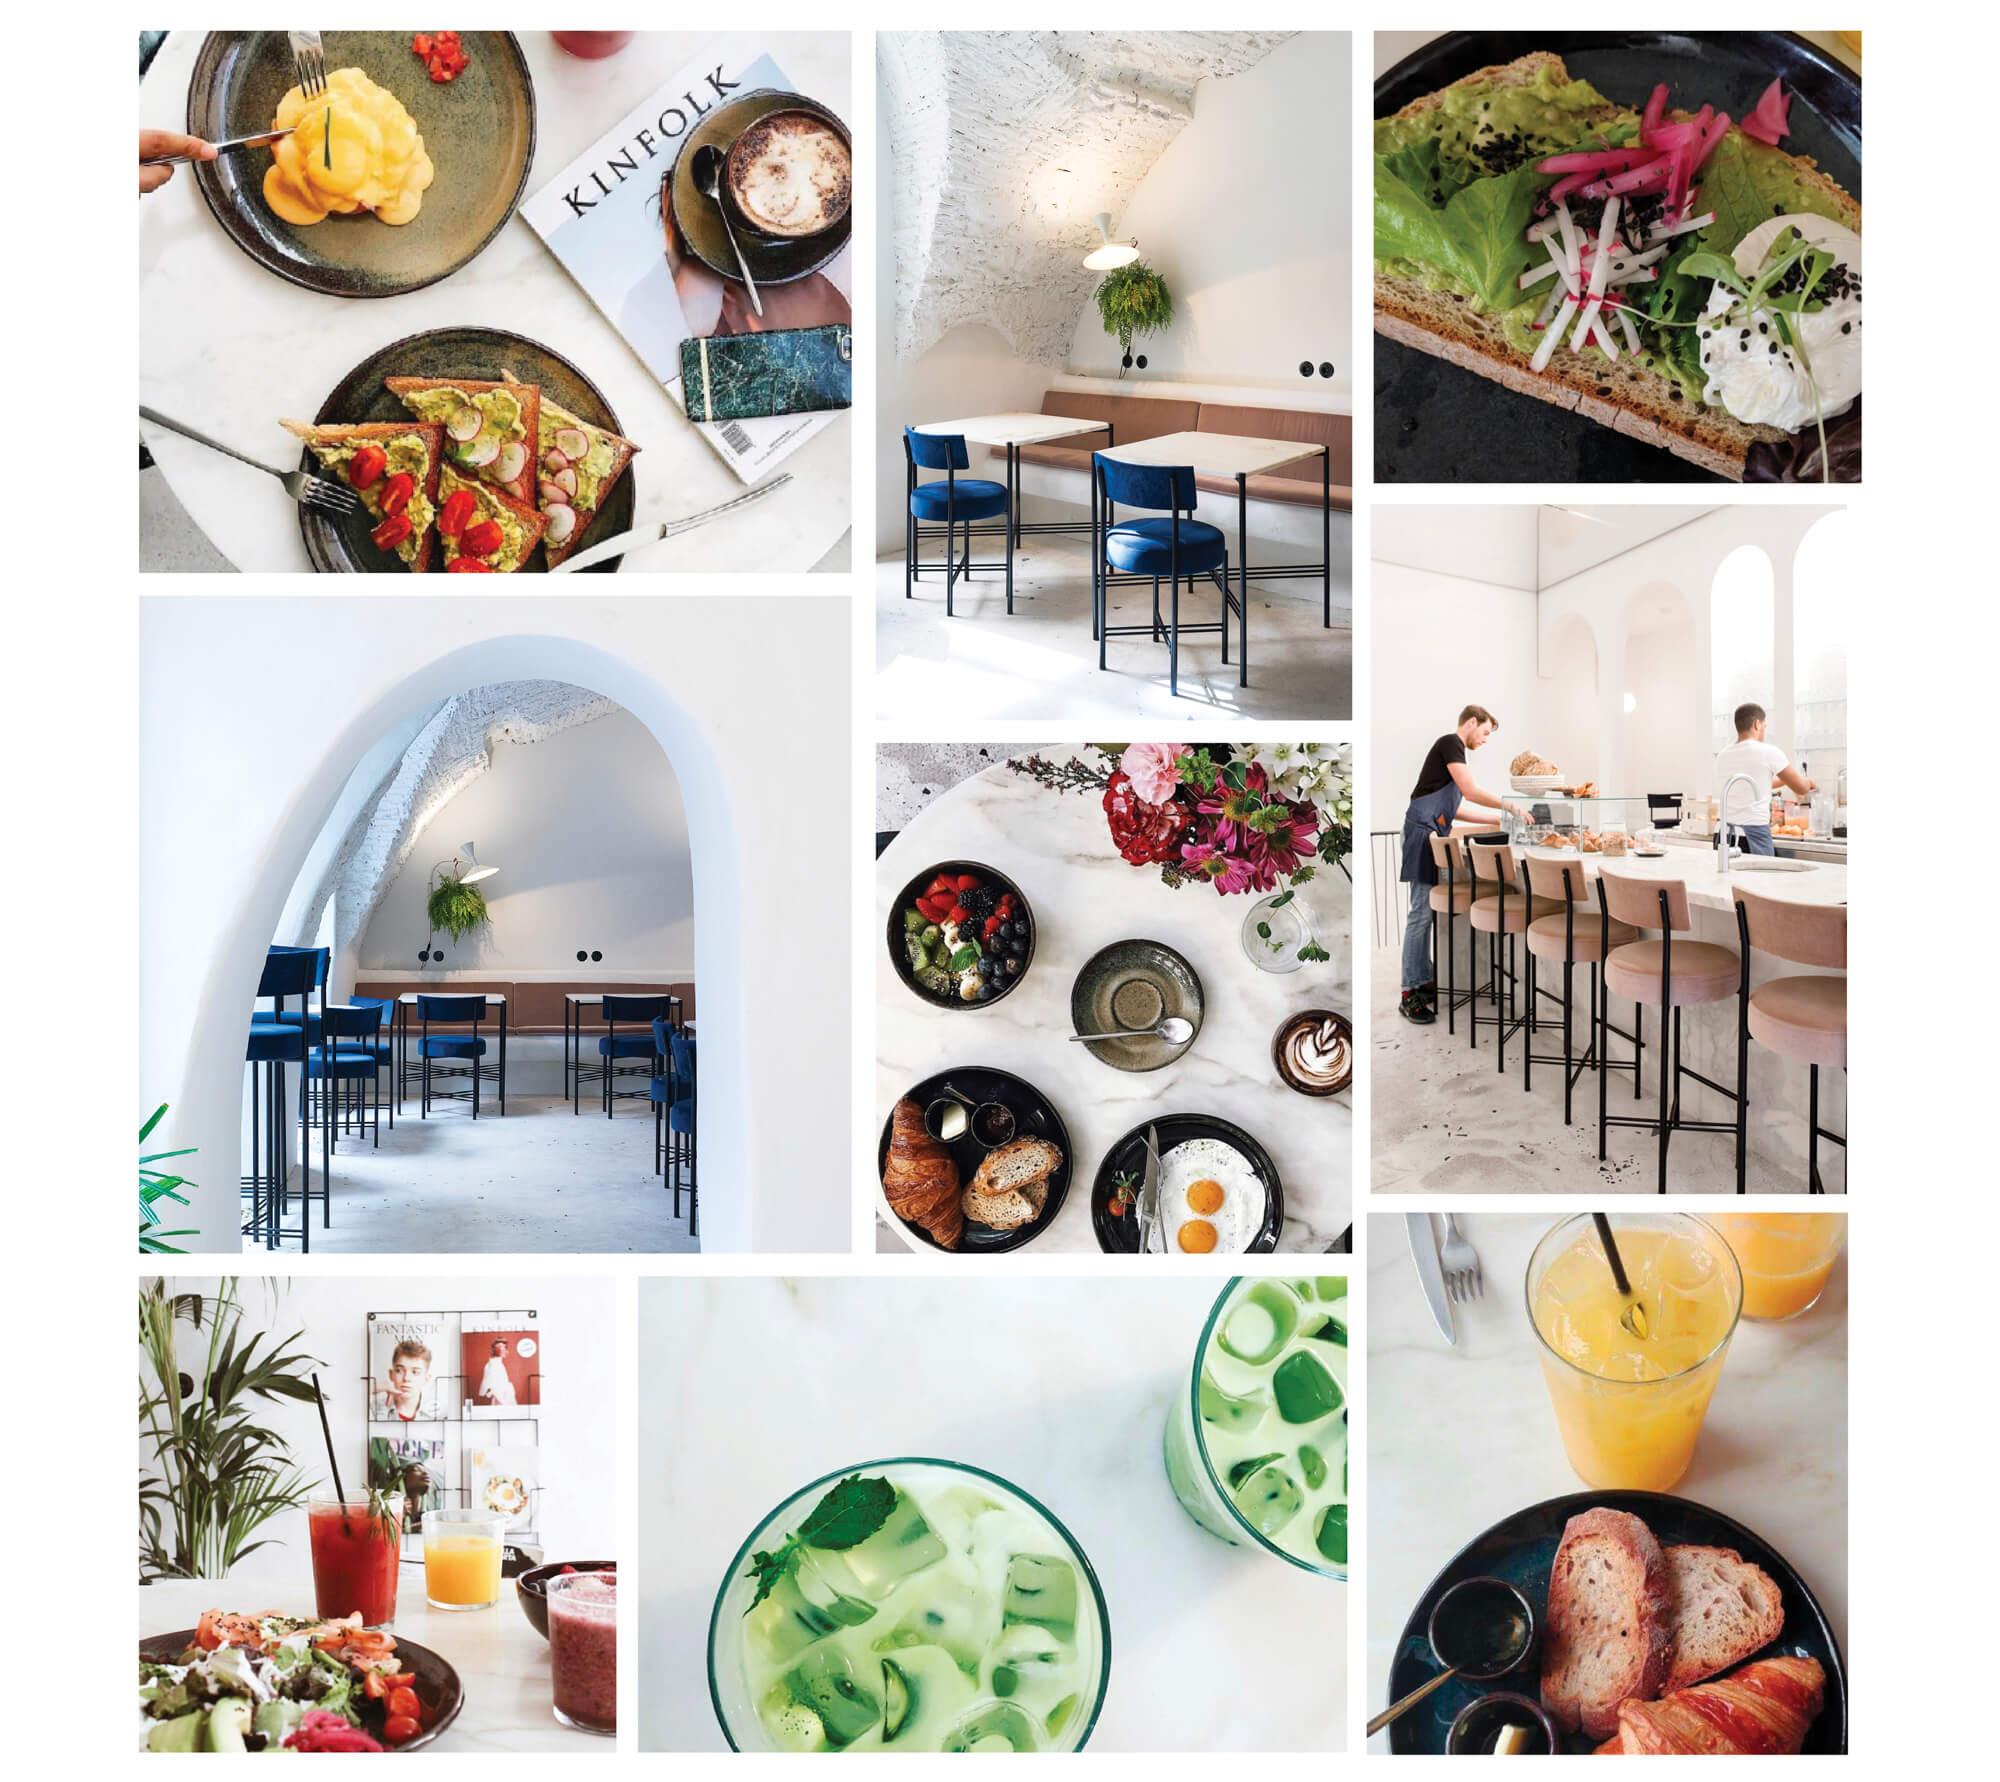 photographies du restaurant dear breakfast, et de la nourriture servie, dans des teintes vives